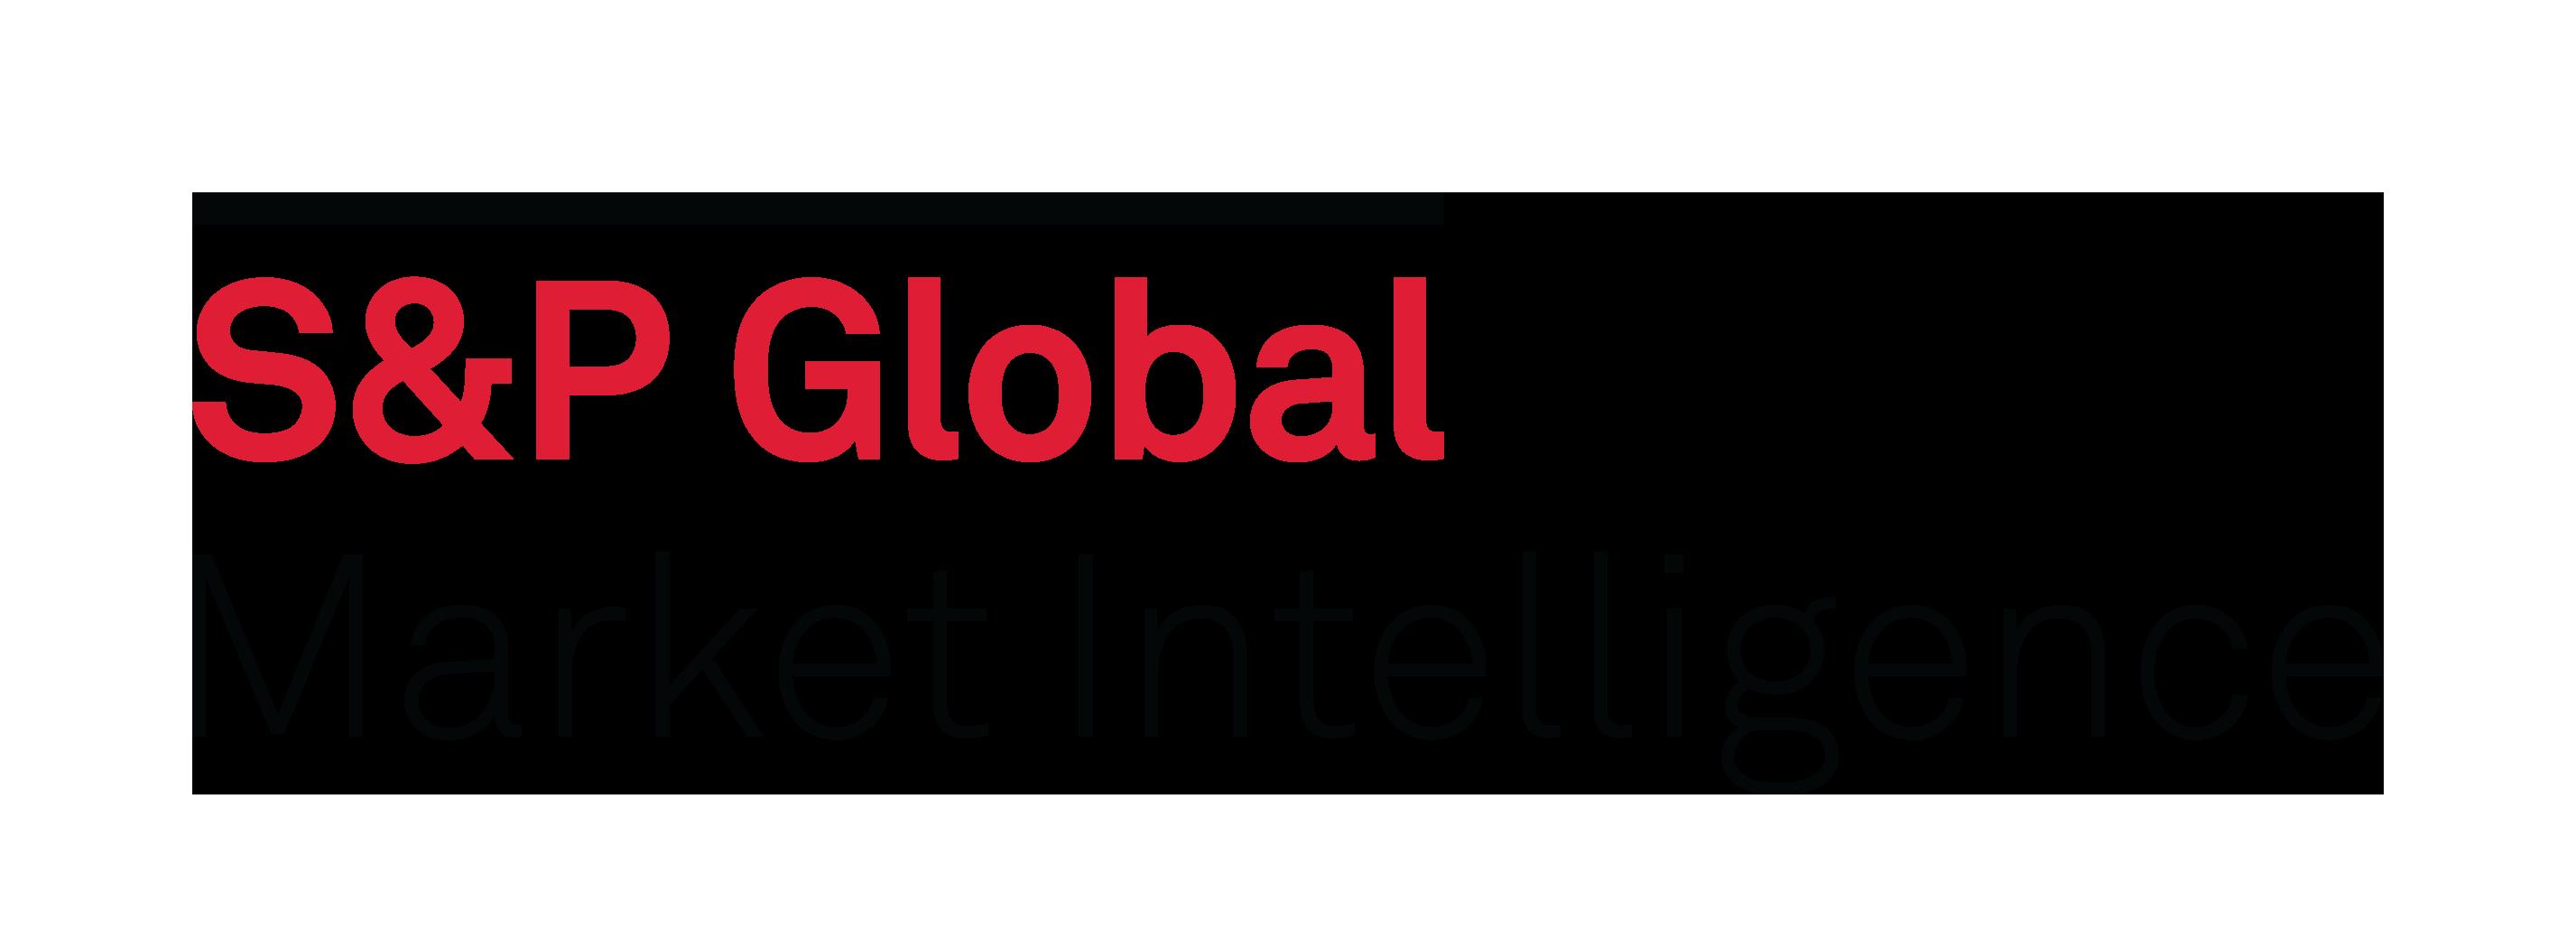 S&PGlobal_event sponsor